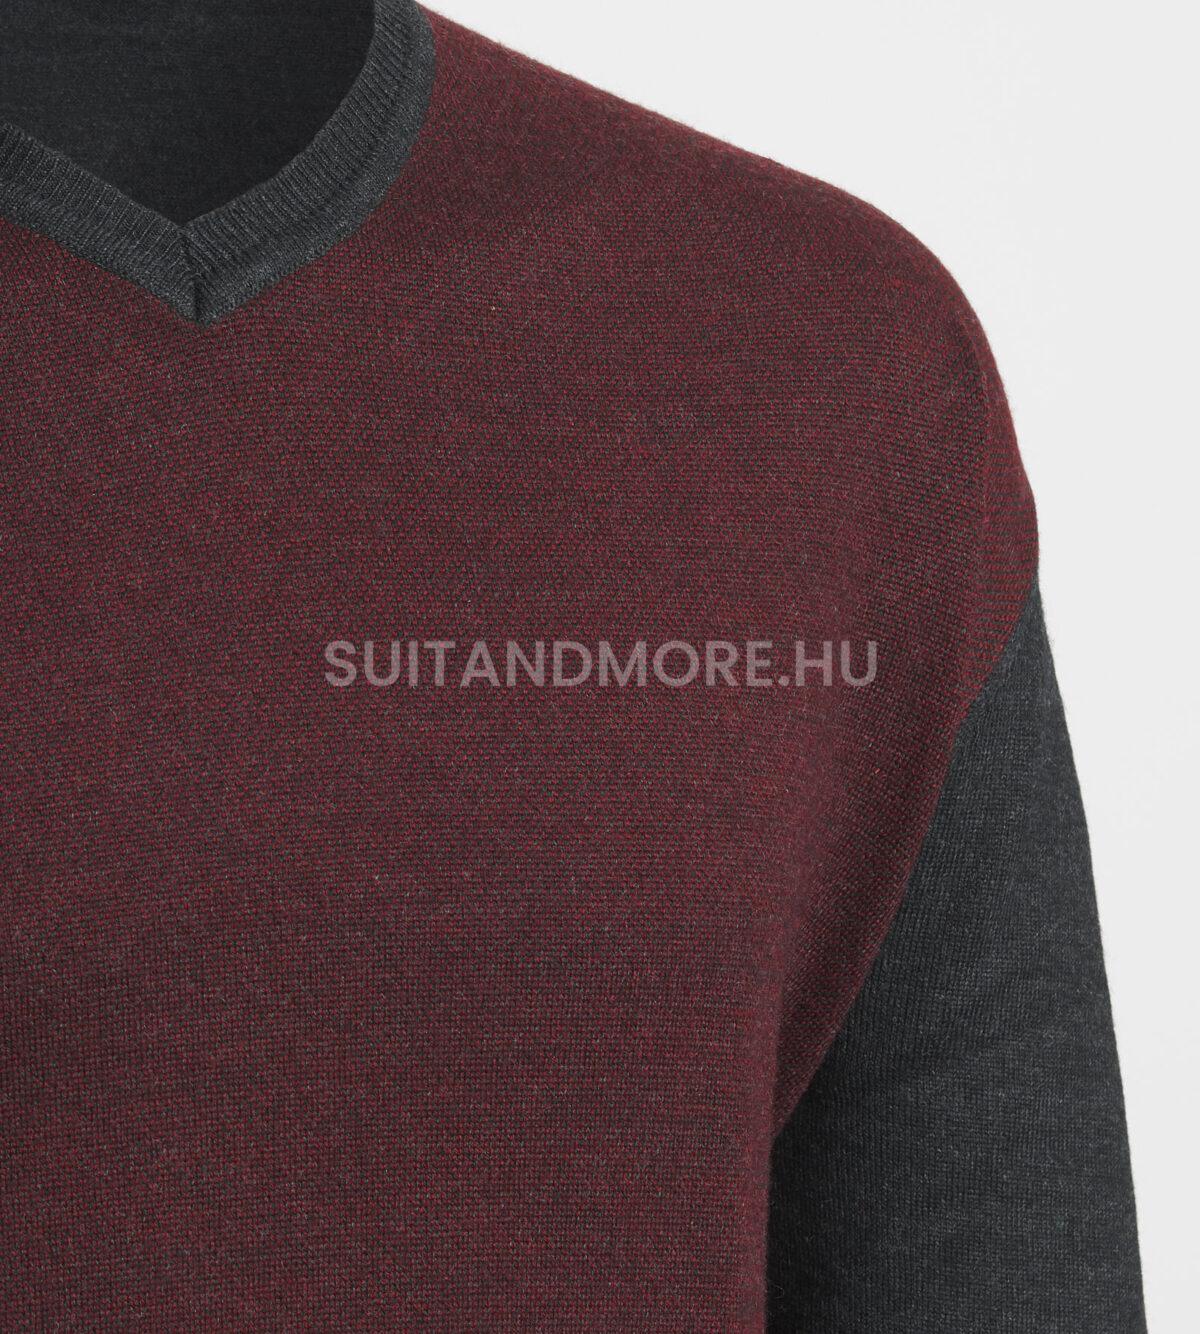 digel-bordo-modern-fit-v-nyaku-gyapju-pulover-fabrizio1-1-1278007-62-02